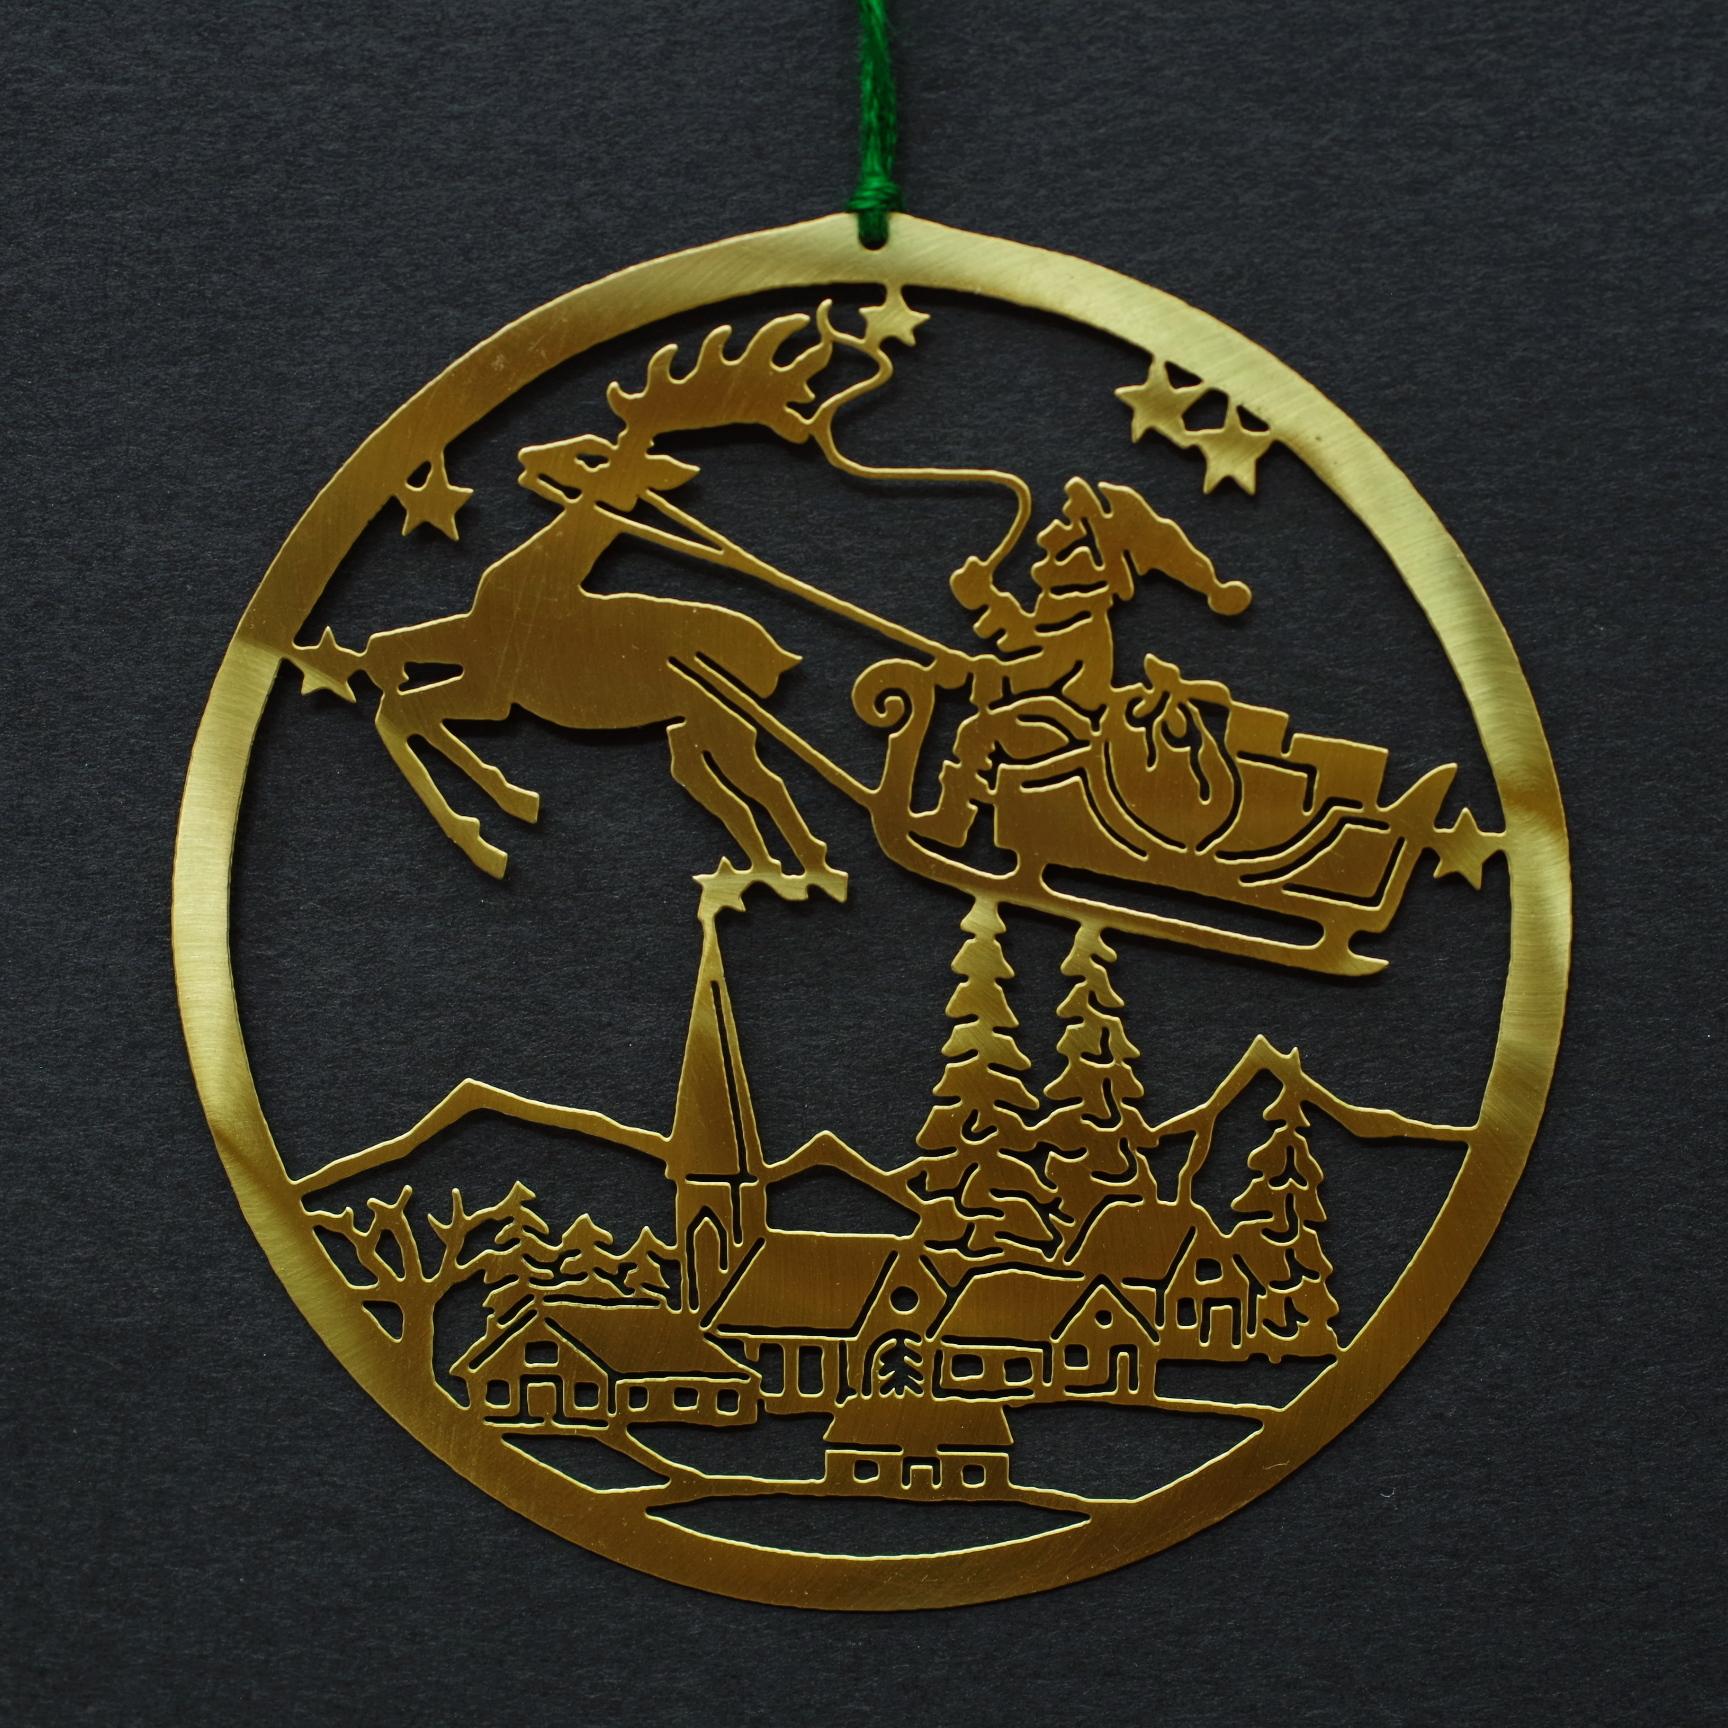 ゴールドオーナメント サンタクロース